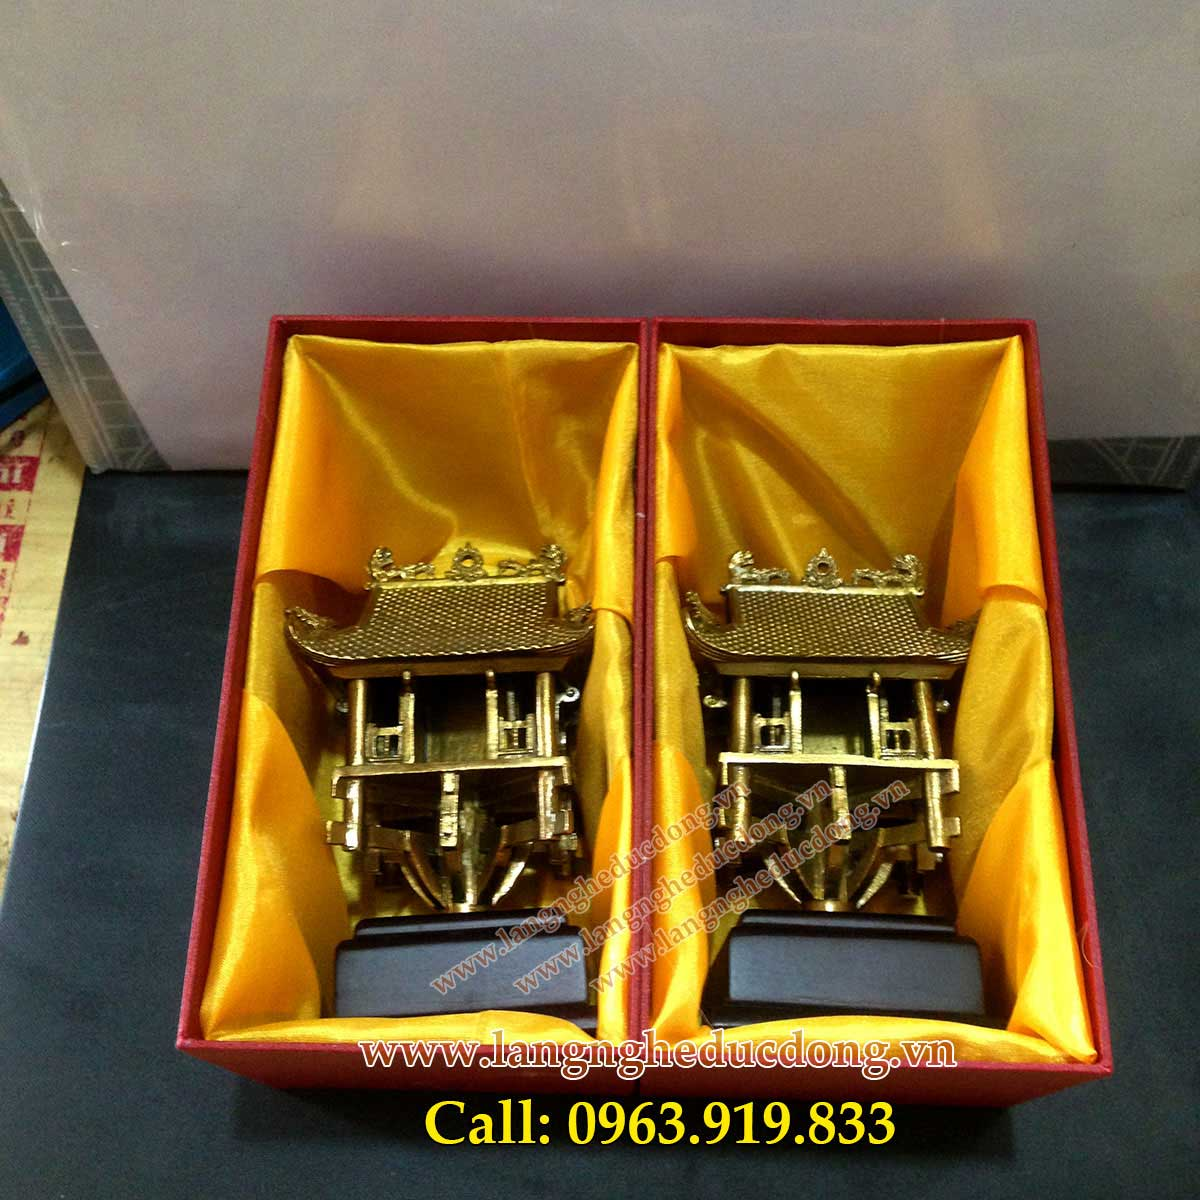 langngheducdong.vn - Biểu tượng chùa 1 cột bằng đồng, quà tặng chùa 1 cột cao 13cm